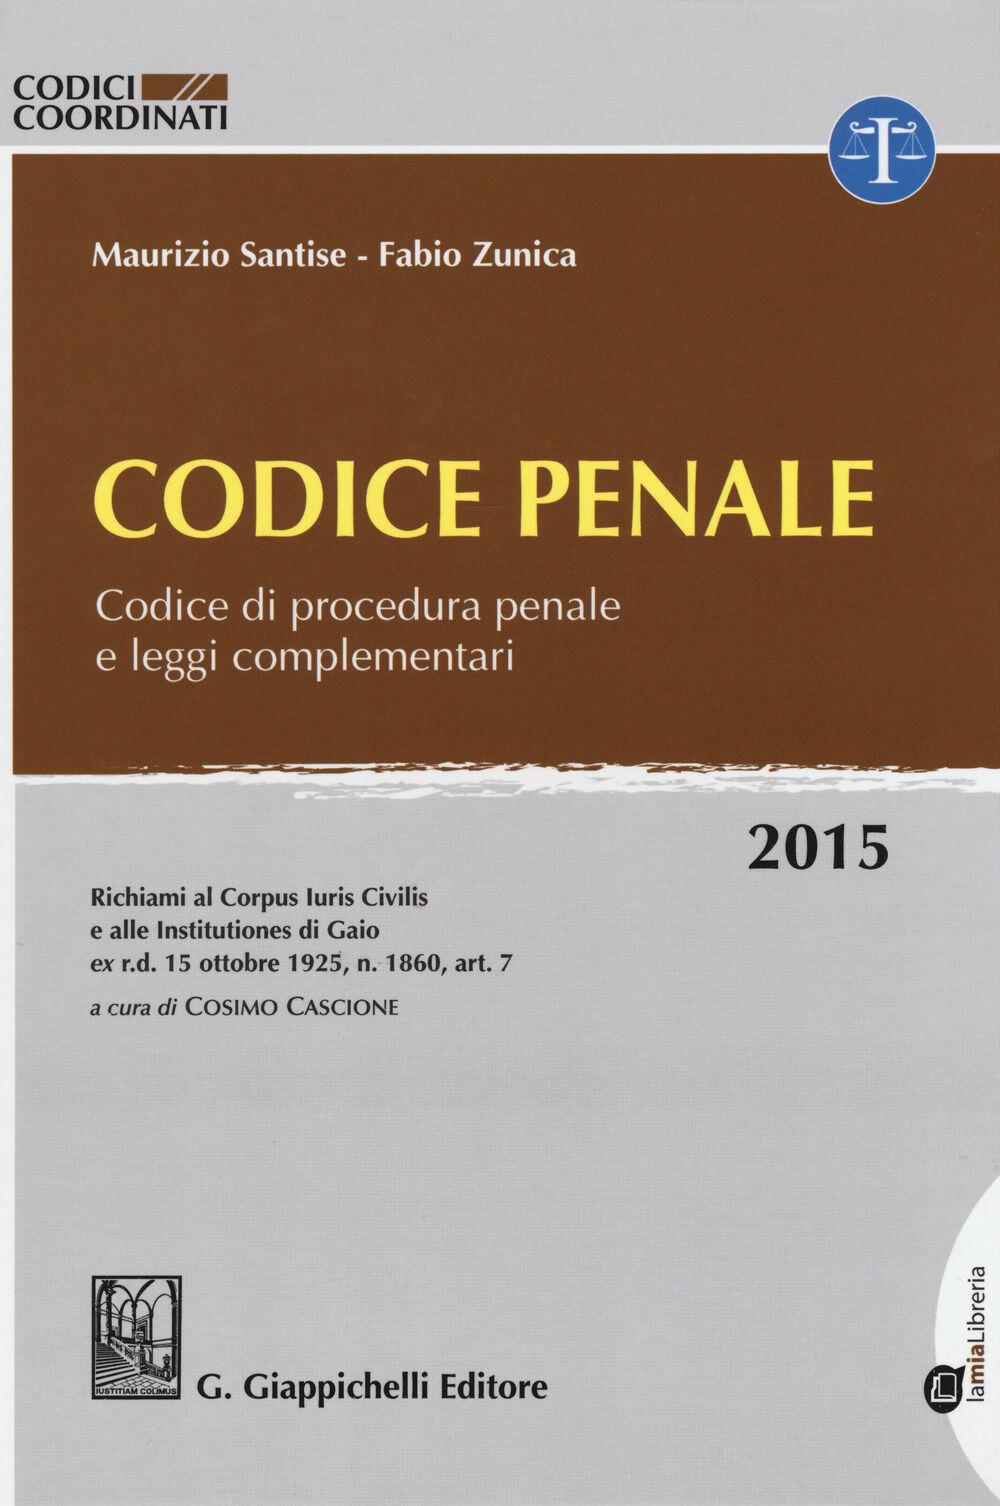 Codice penale. Codice di procedura penale e leggi complementari